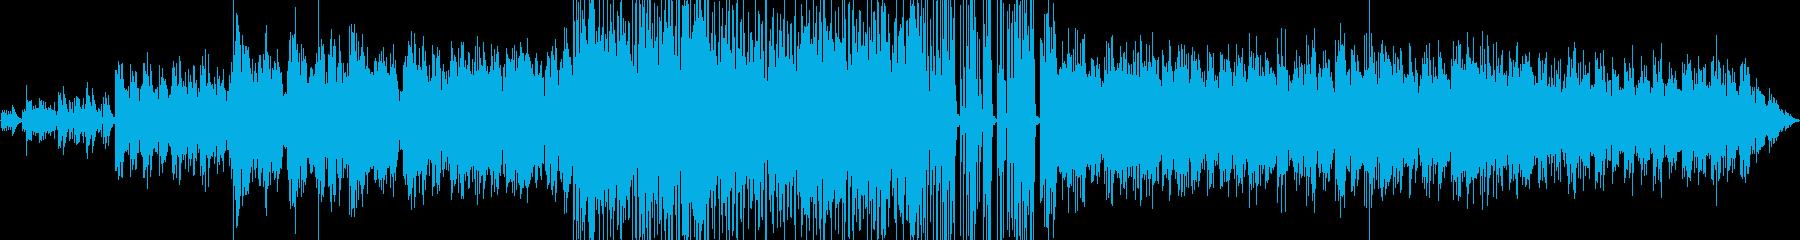 ロマンチックな歌声。カタルシス。 ...の再生済みの波形